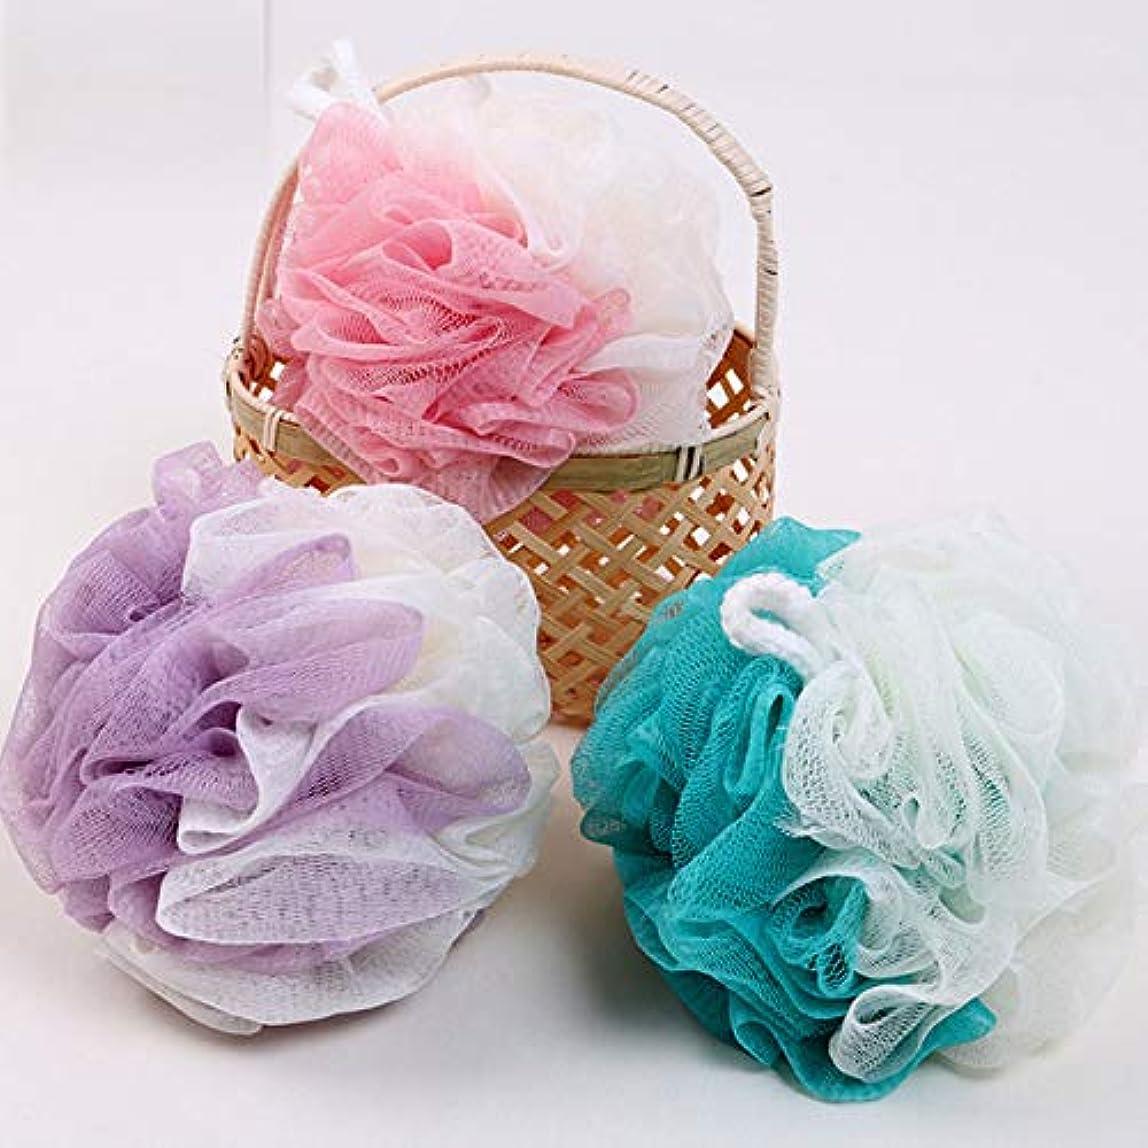 トークン偏見ストレスボディウォッシュボール 泡立てネット スポンジ フラワーボール 超柔軟 シャワー用 風呂 浴室 3 個入 (3 個入, Pink + Purple + Blue)